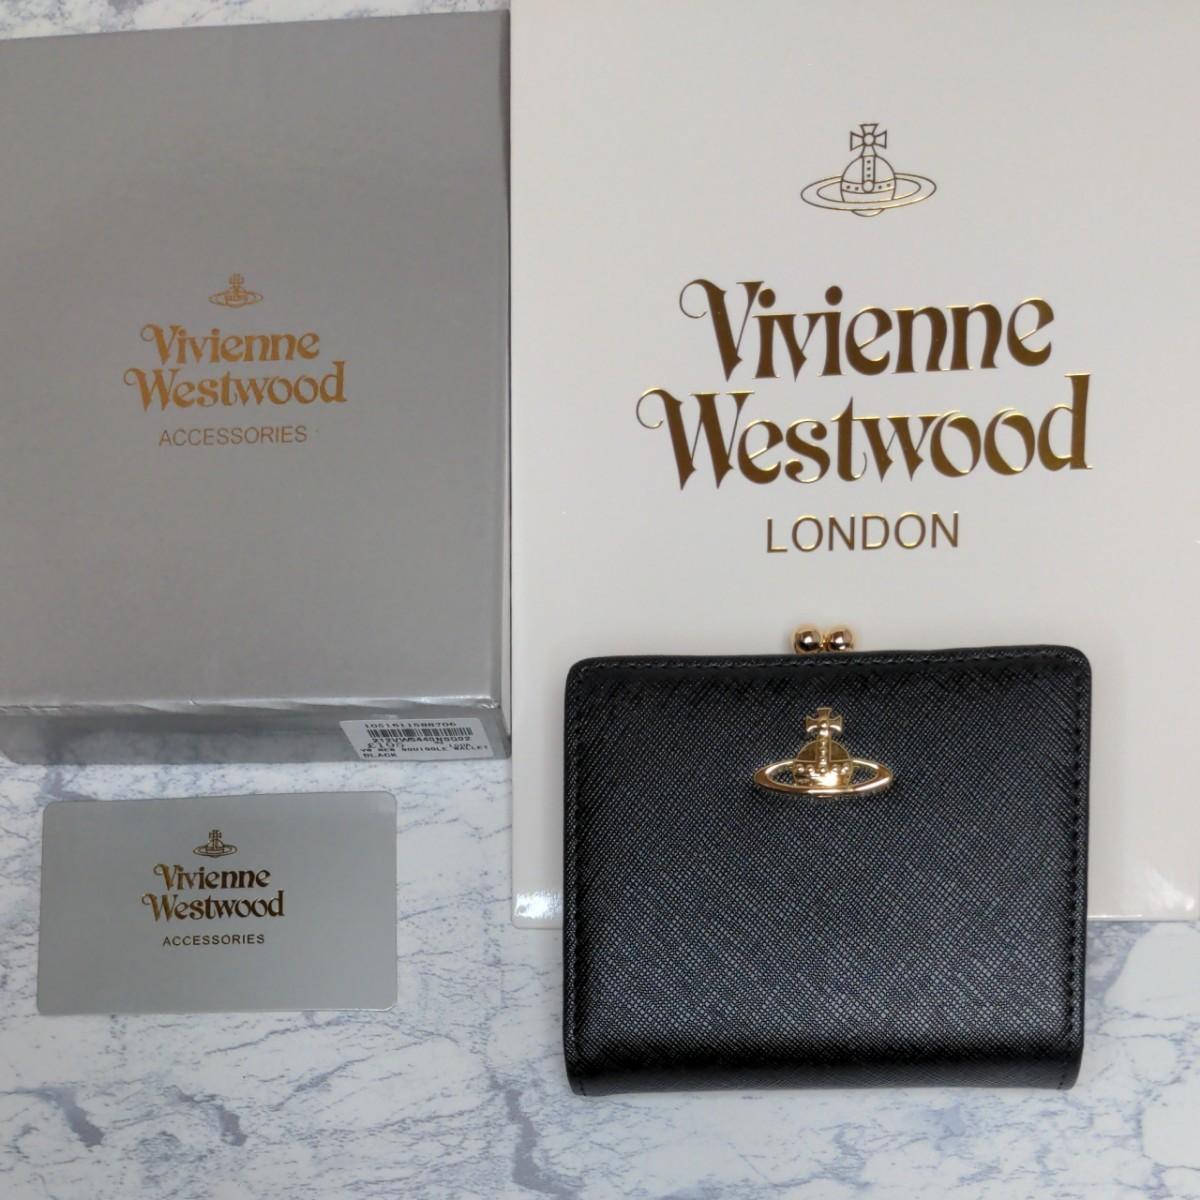 ヴィヴィアン ウエストウッド vivienne がま口財布 折り財布  レディース ブラック財布 かわいい財布  新品未使用